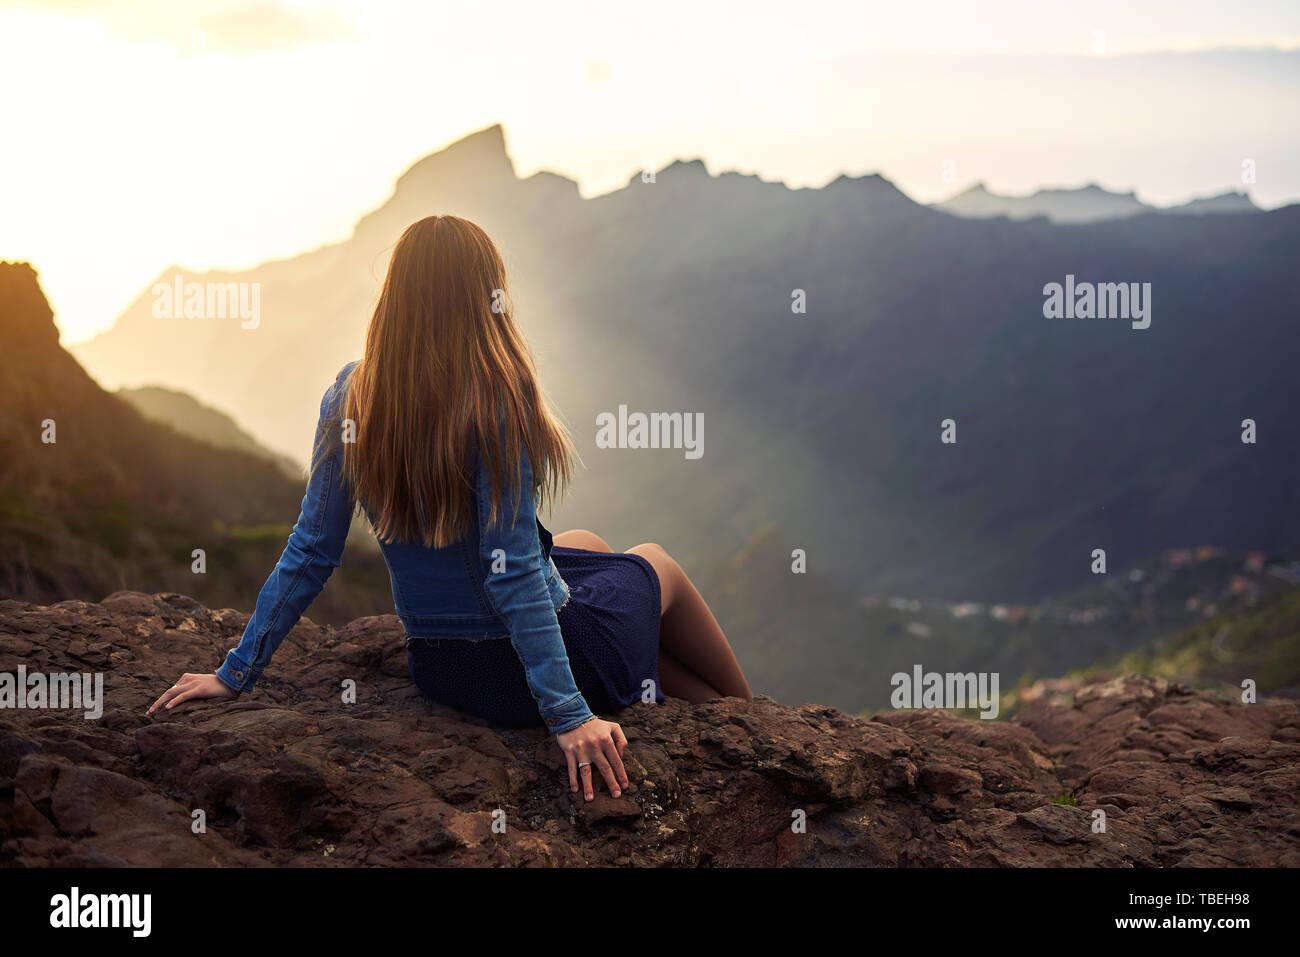 Junge Frau über die Straße nach Masca auf Teneriffa, Kanarische Inseln, Spanien Stockbild